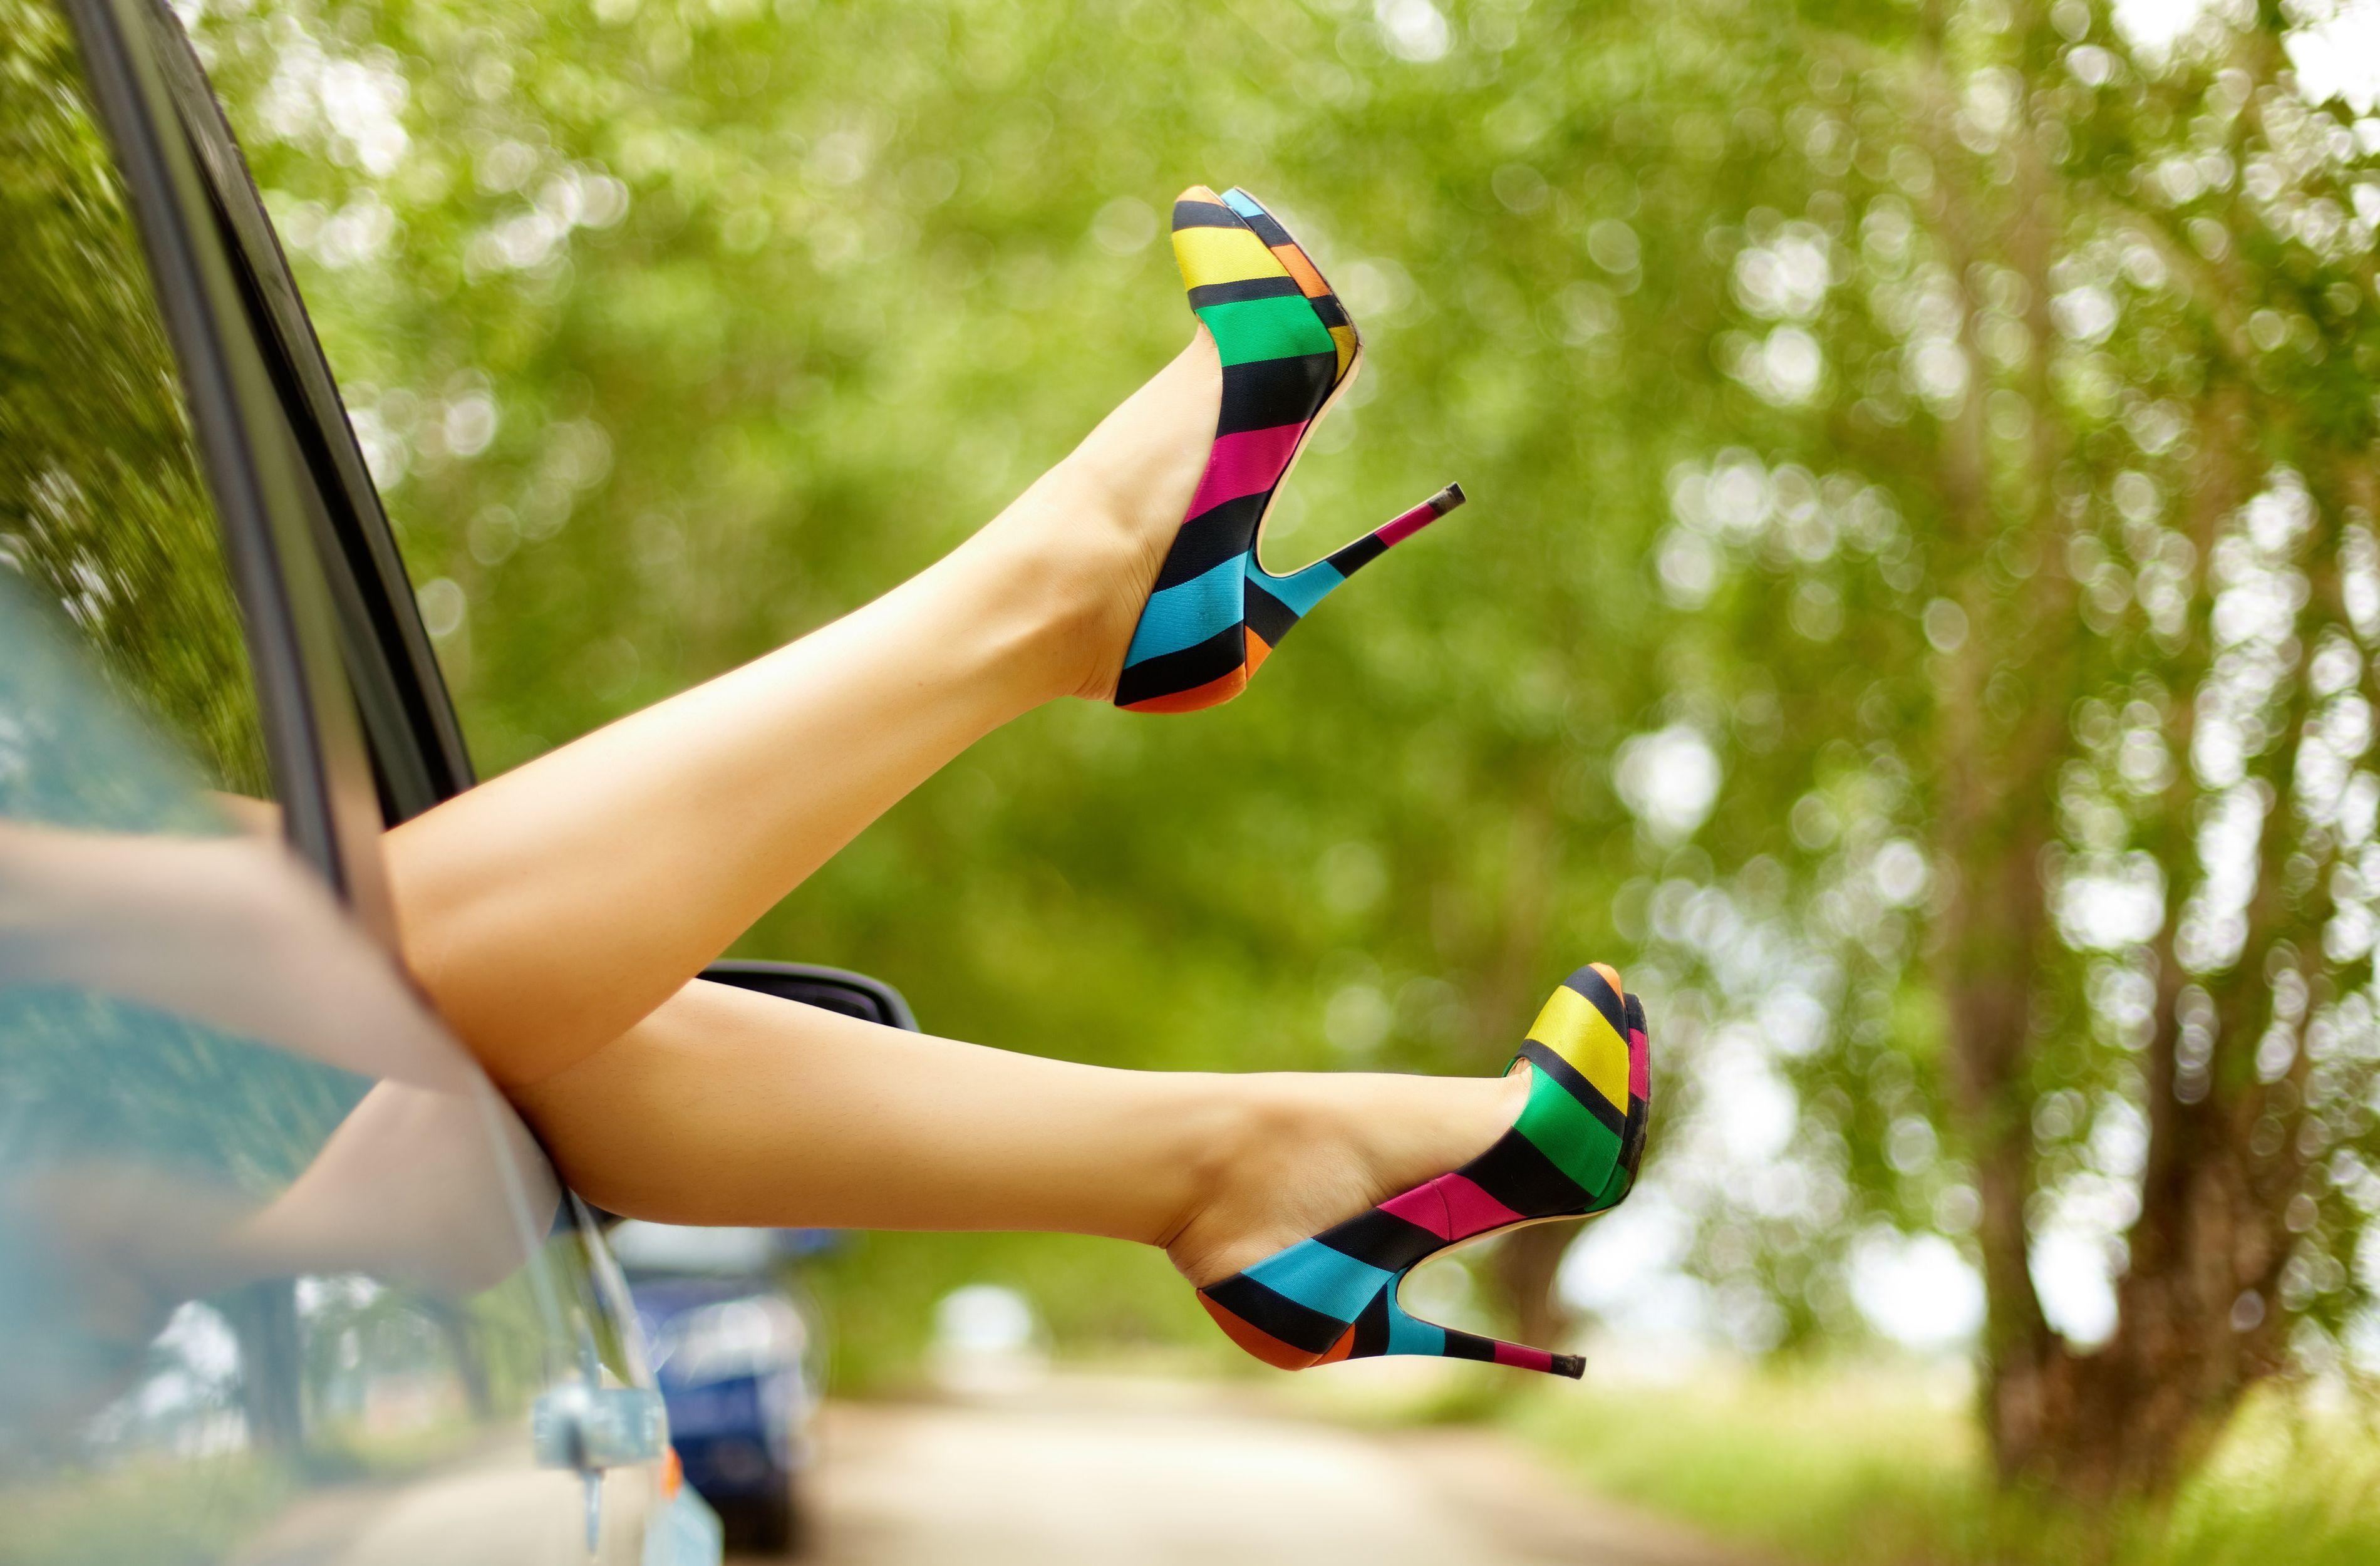 чили прикольные женские ноги в картинках террин форме